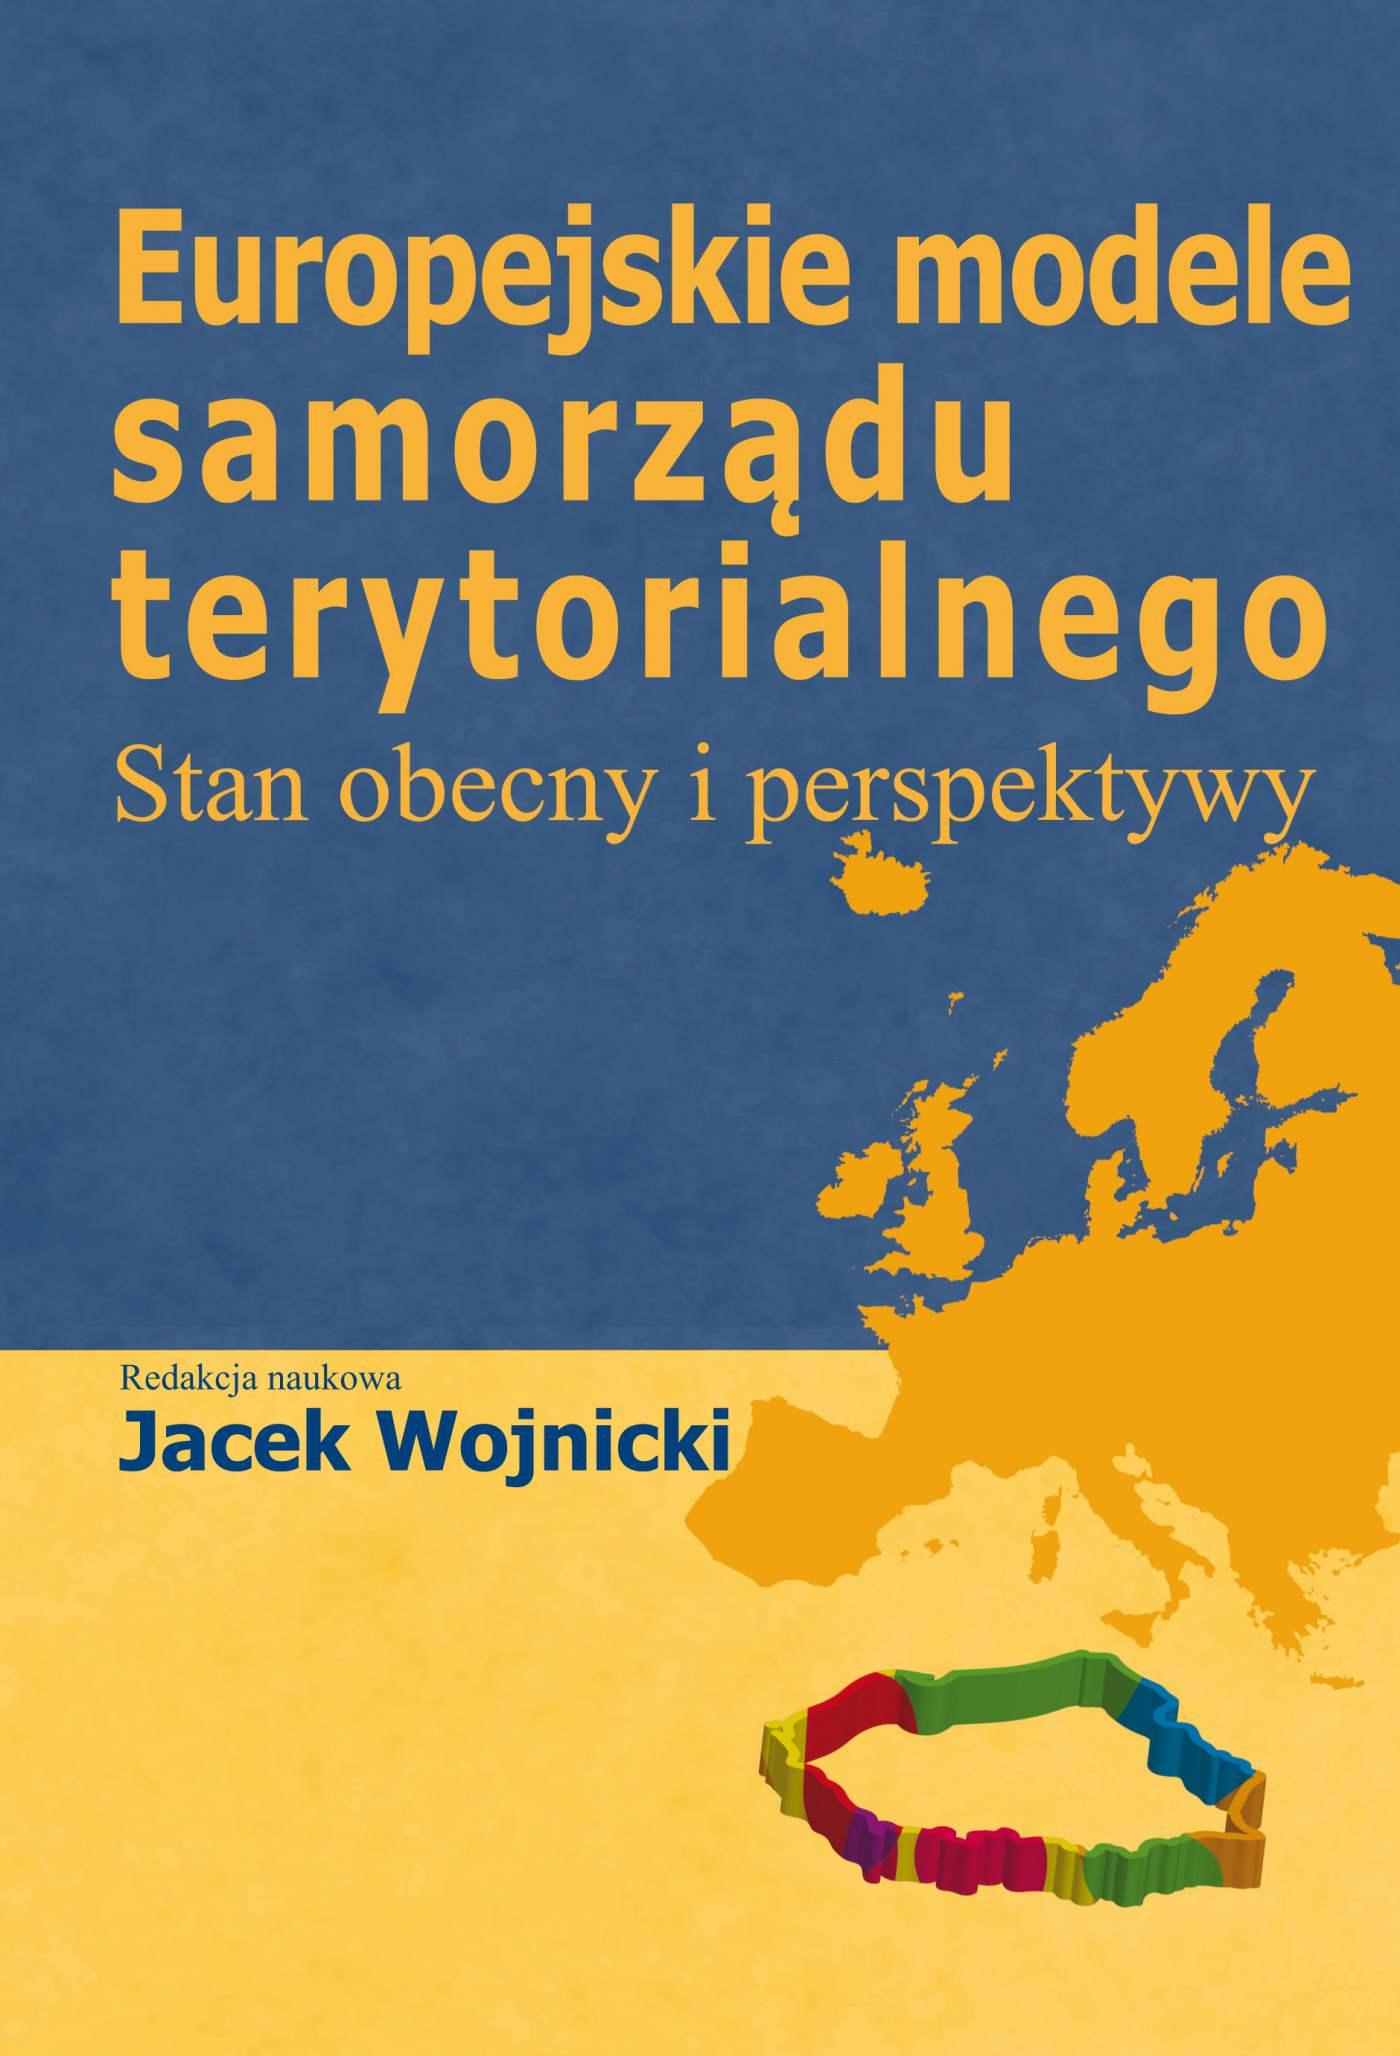 Europejskie modele samorządu terytorialnego - Ebook (Książka PDF) do pobrania w formacie PDF